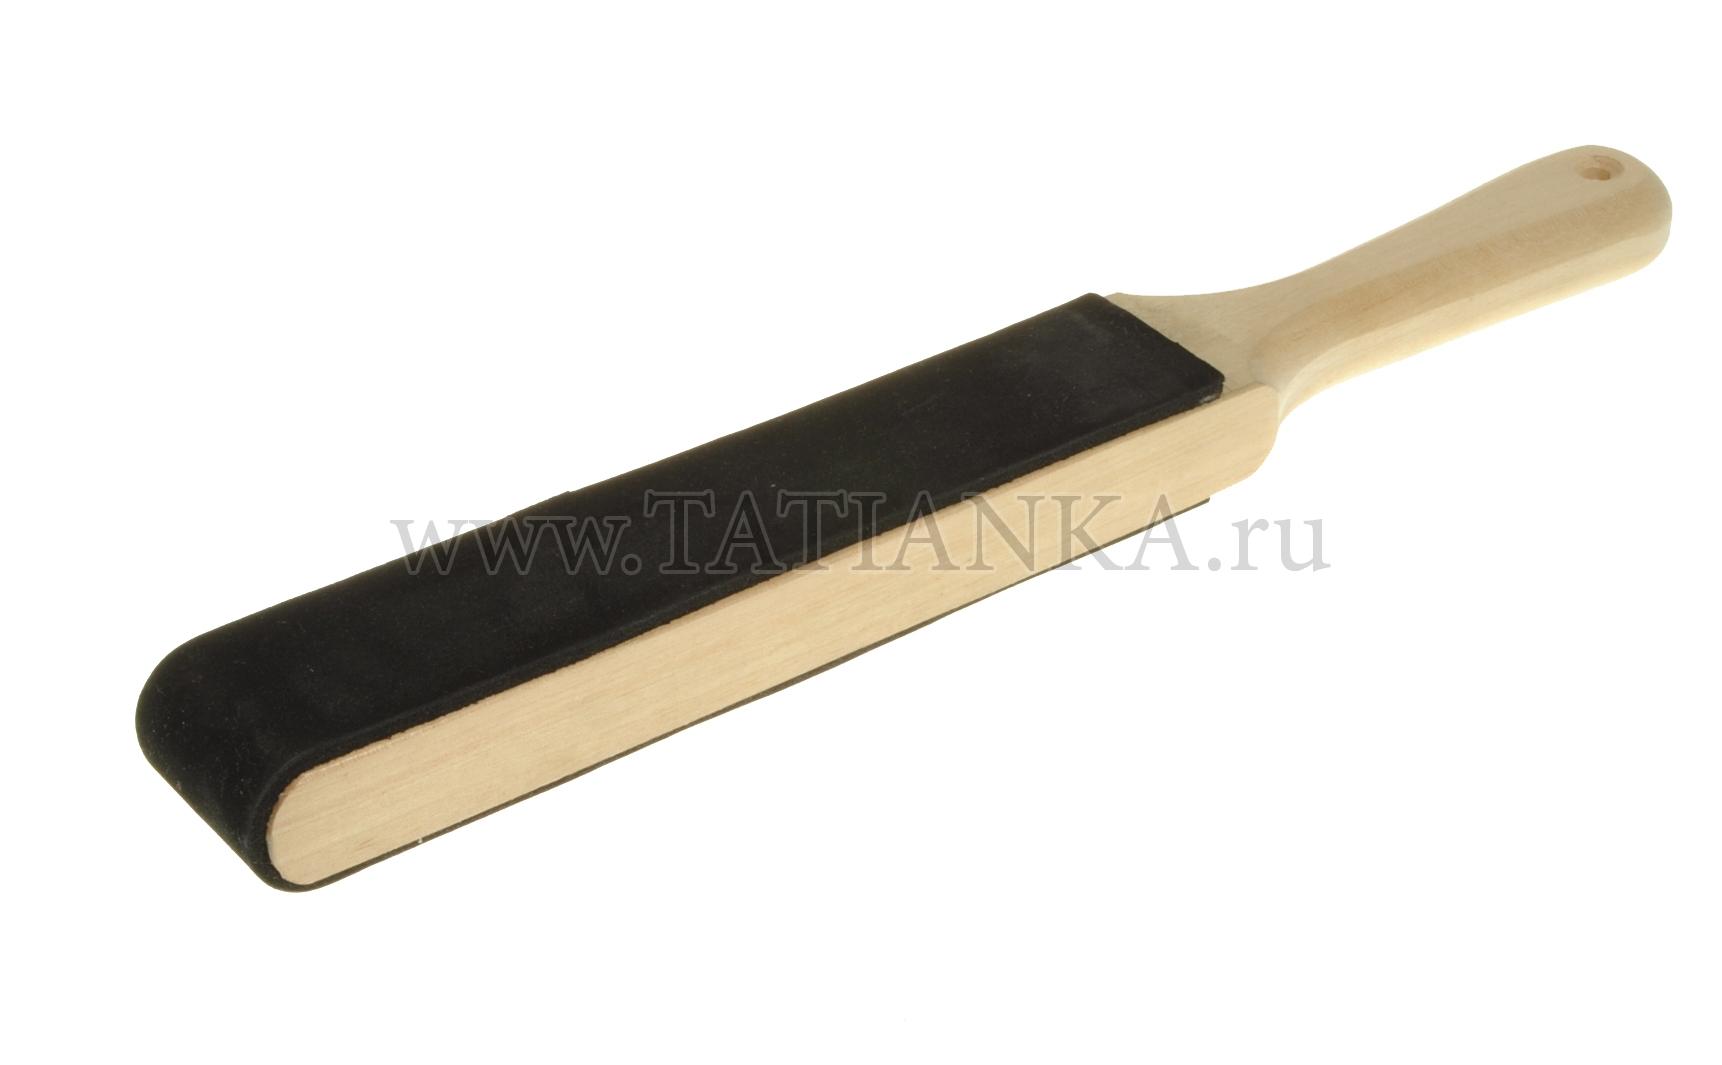 Деревянная ручка с кожей для правки инструмента